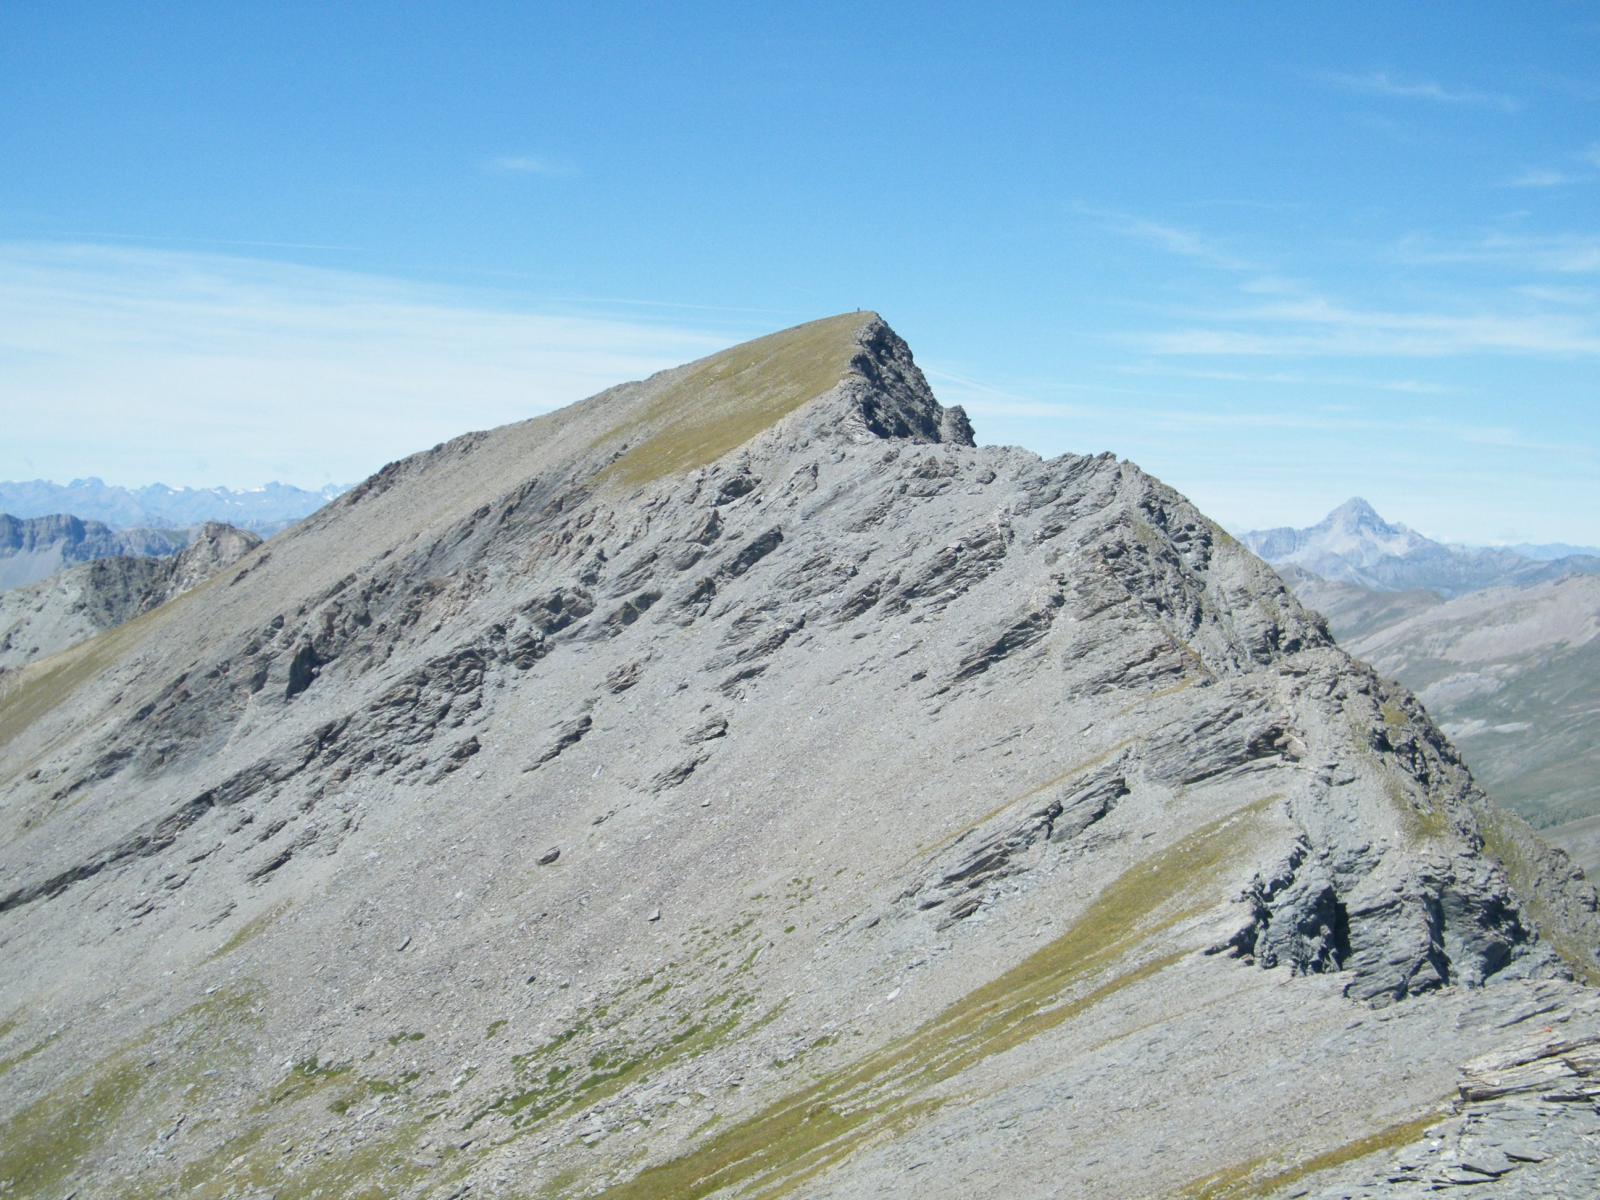 Sagnes Longues (Pointe des) da Chianale, anello per i Colli di Saint Veran, Chamoussiere, Agnello 2014-08-24